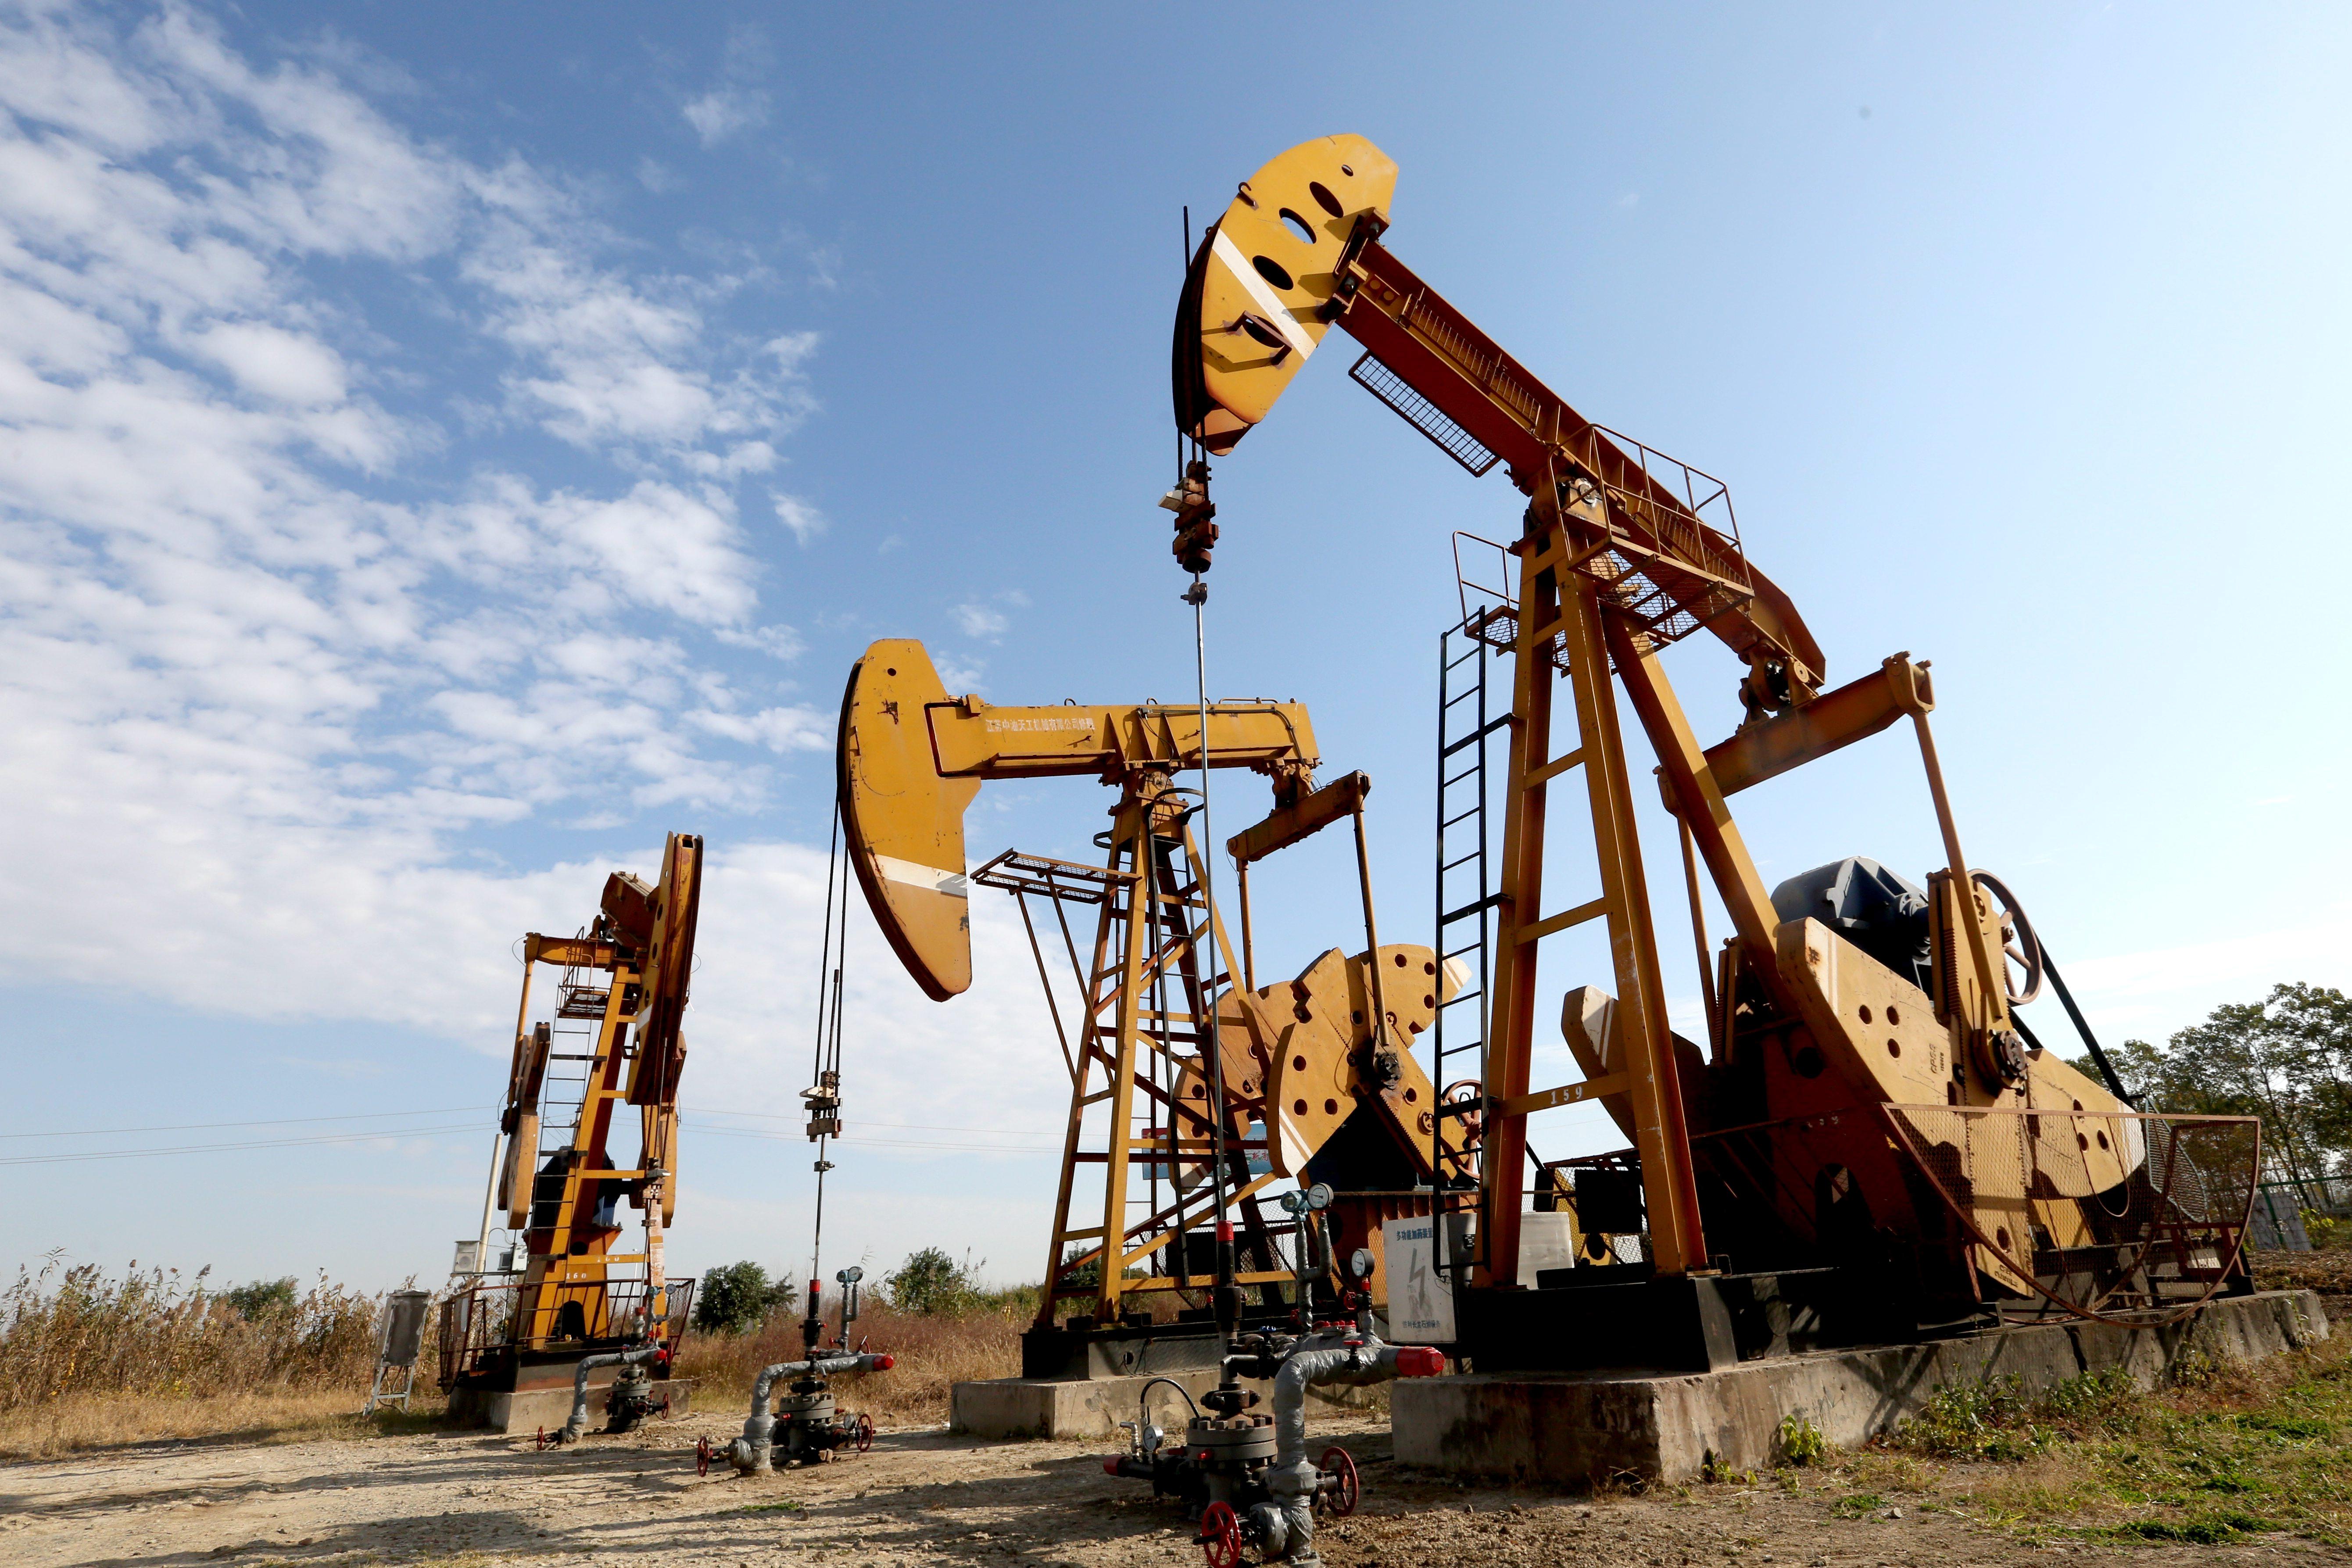 le-negoce-de-petrole-s-ouvre-a-son-tour-a-la-blockchain